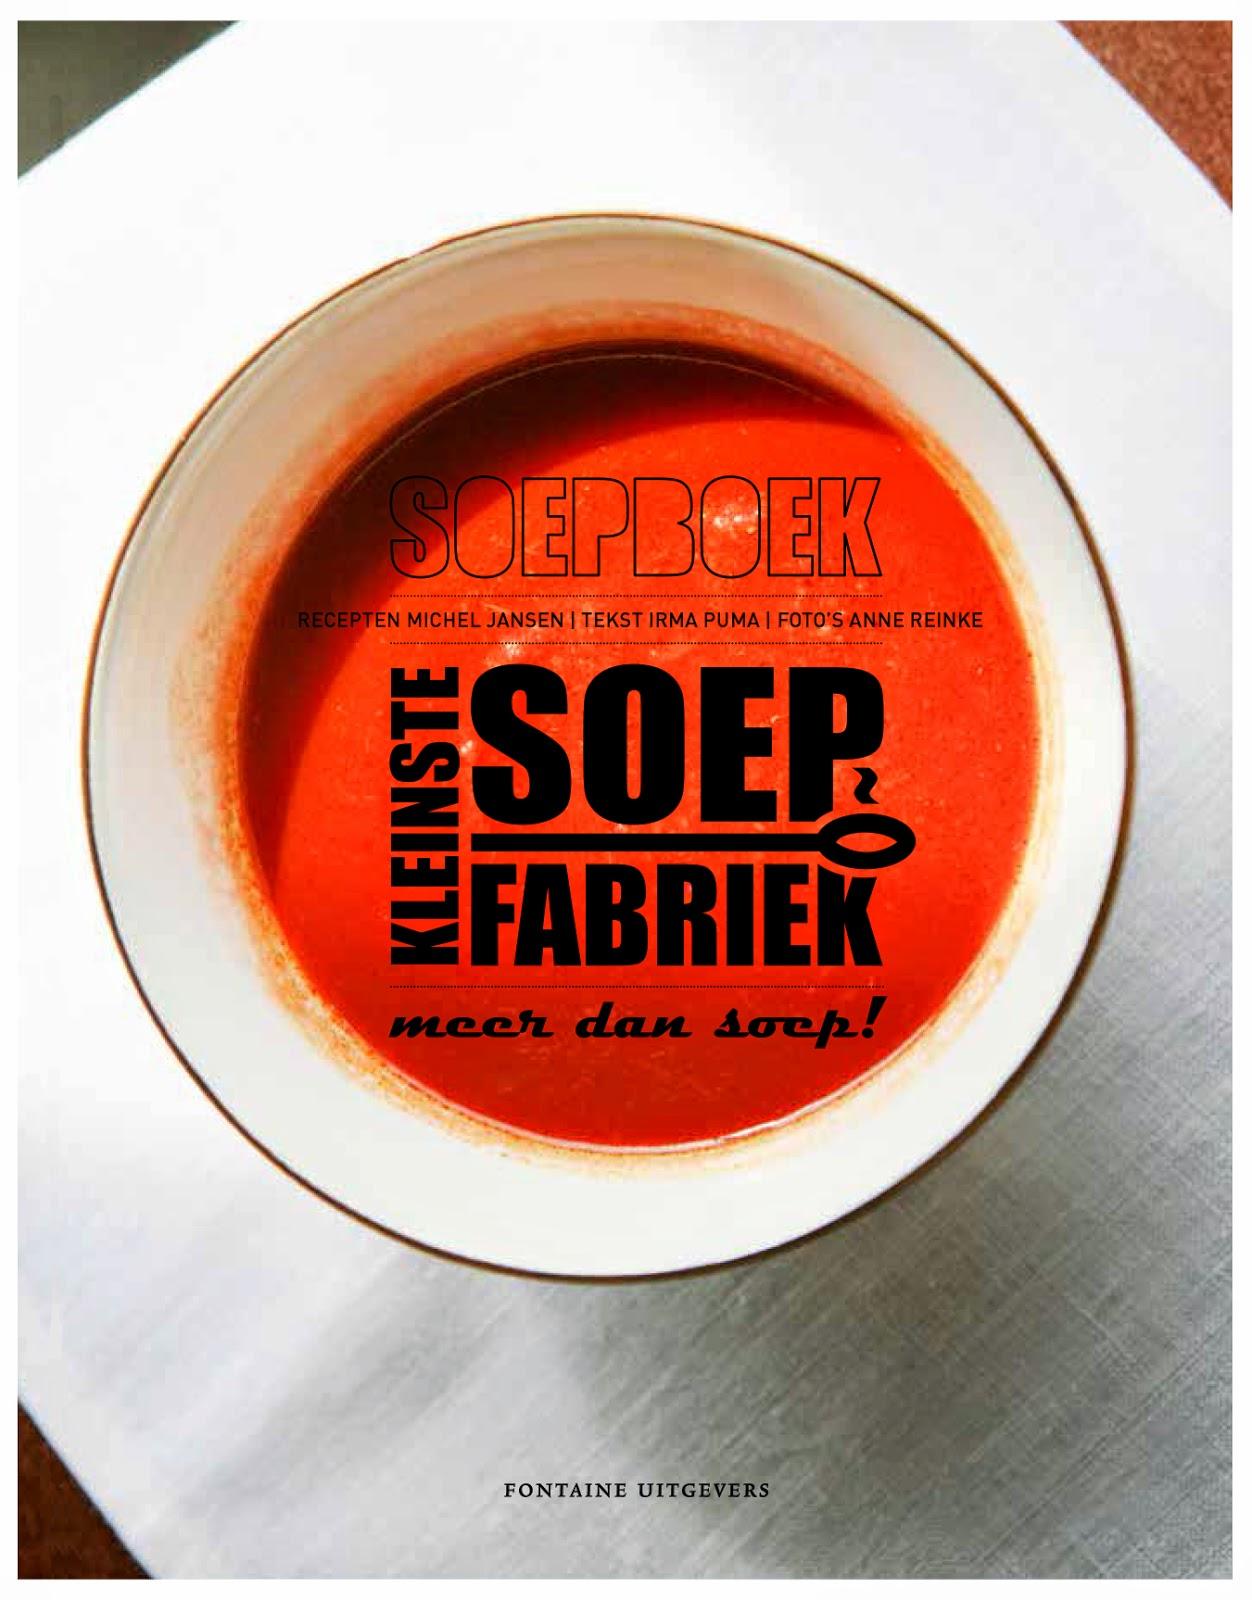 Soep soepfabriek soepboek gereons keuken thuis - Keuken wereld thuis ...